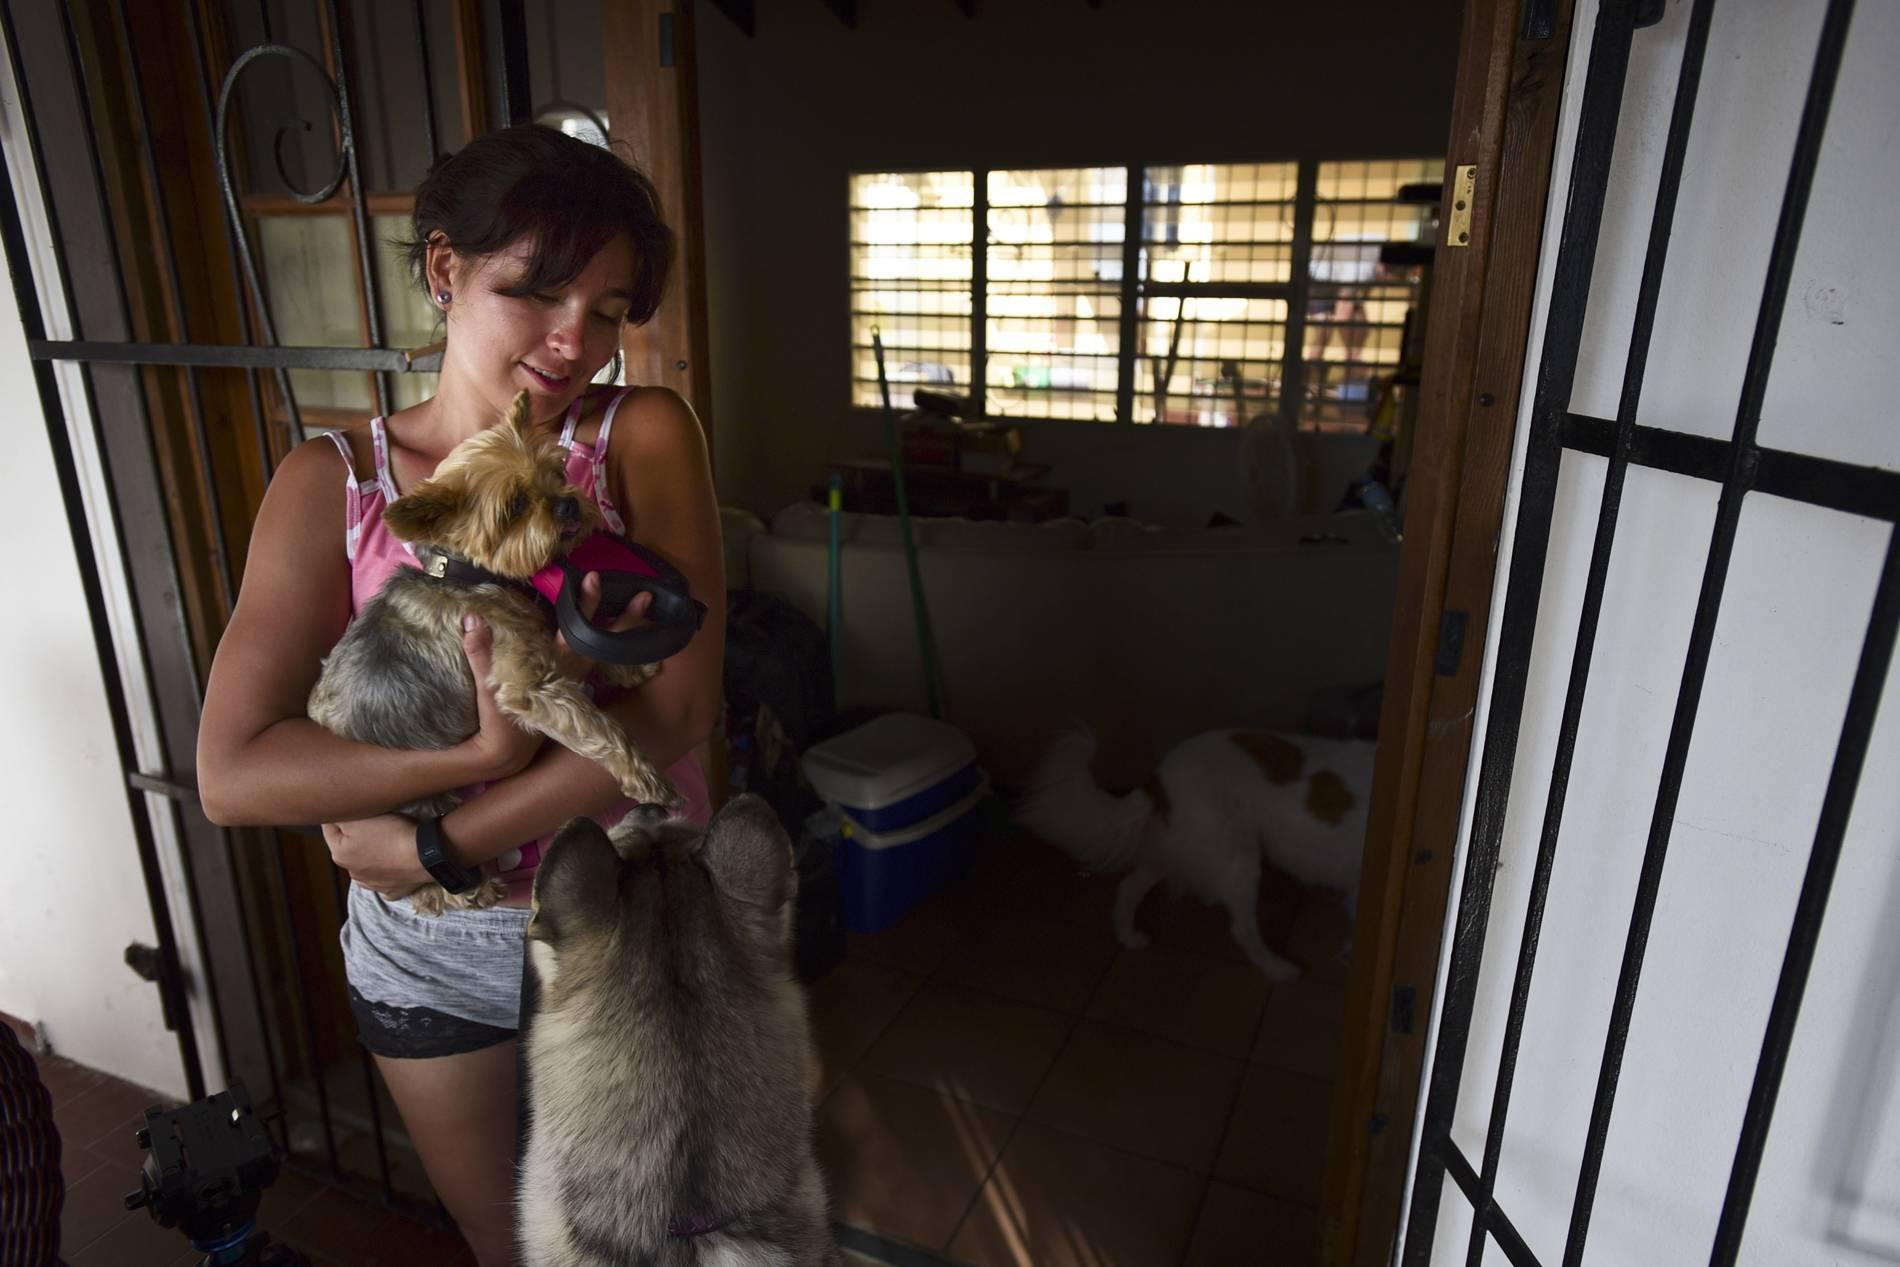 Lissette Echavarria segura Oliver, um cão abandonado que ela salvou após o furacão Irma, na comunidade de Cole Bay, em St. Martin